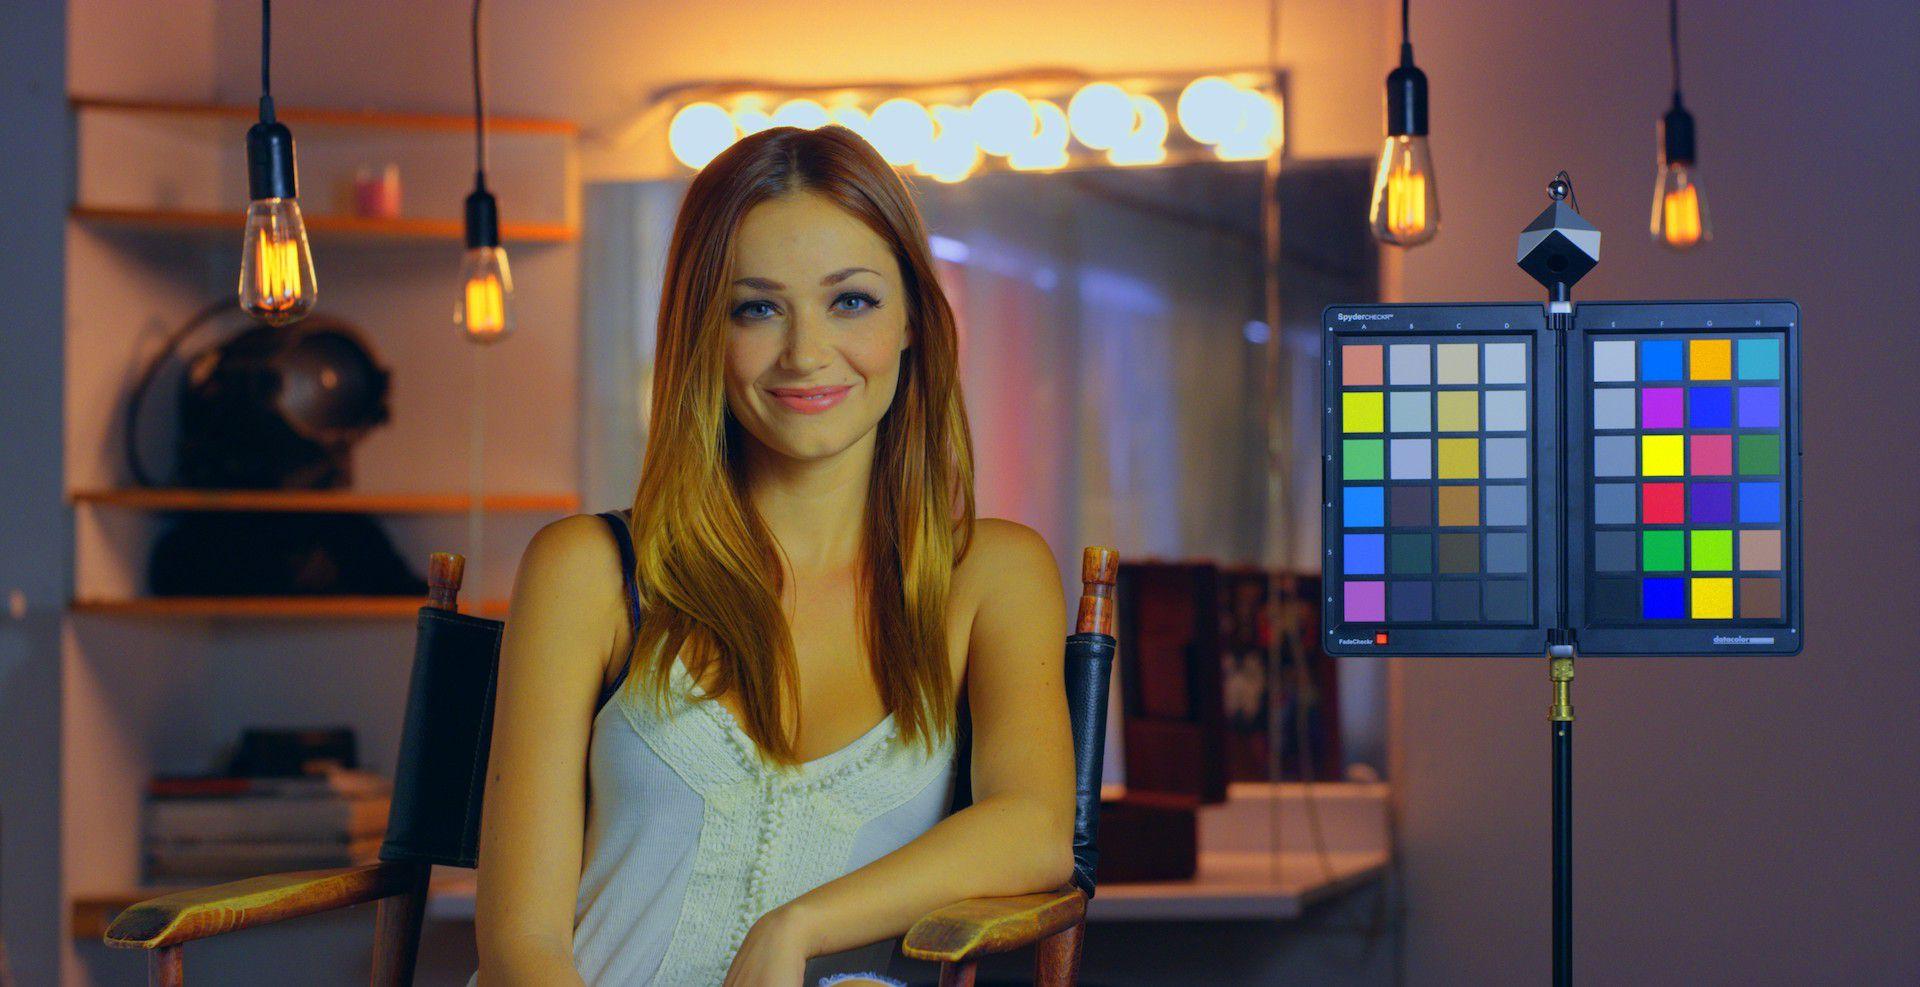 TECHNICOLOR LUTS Technicolor